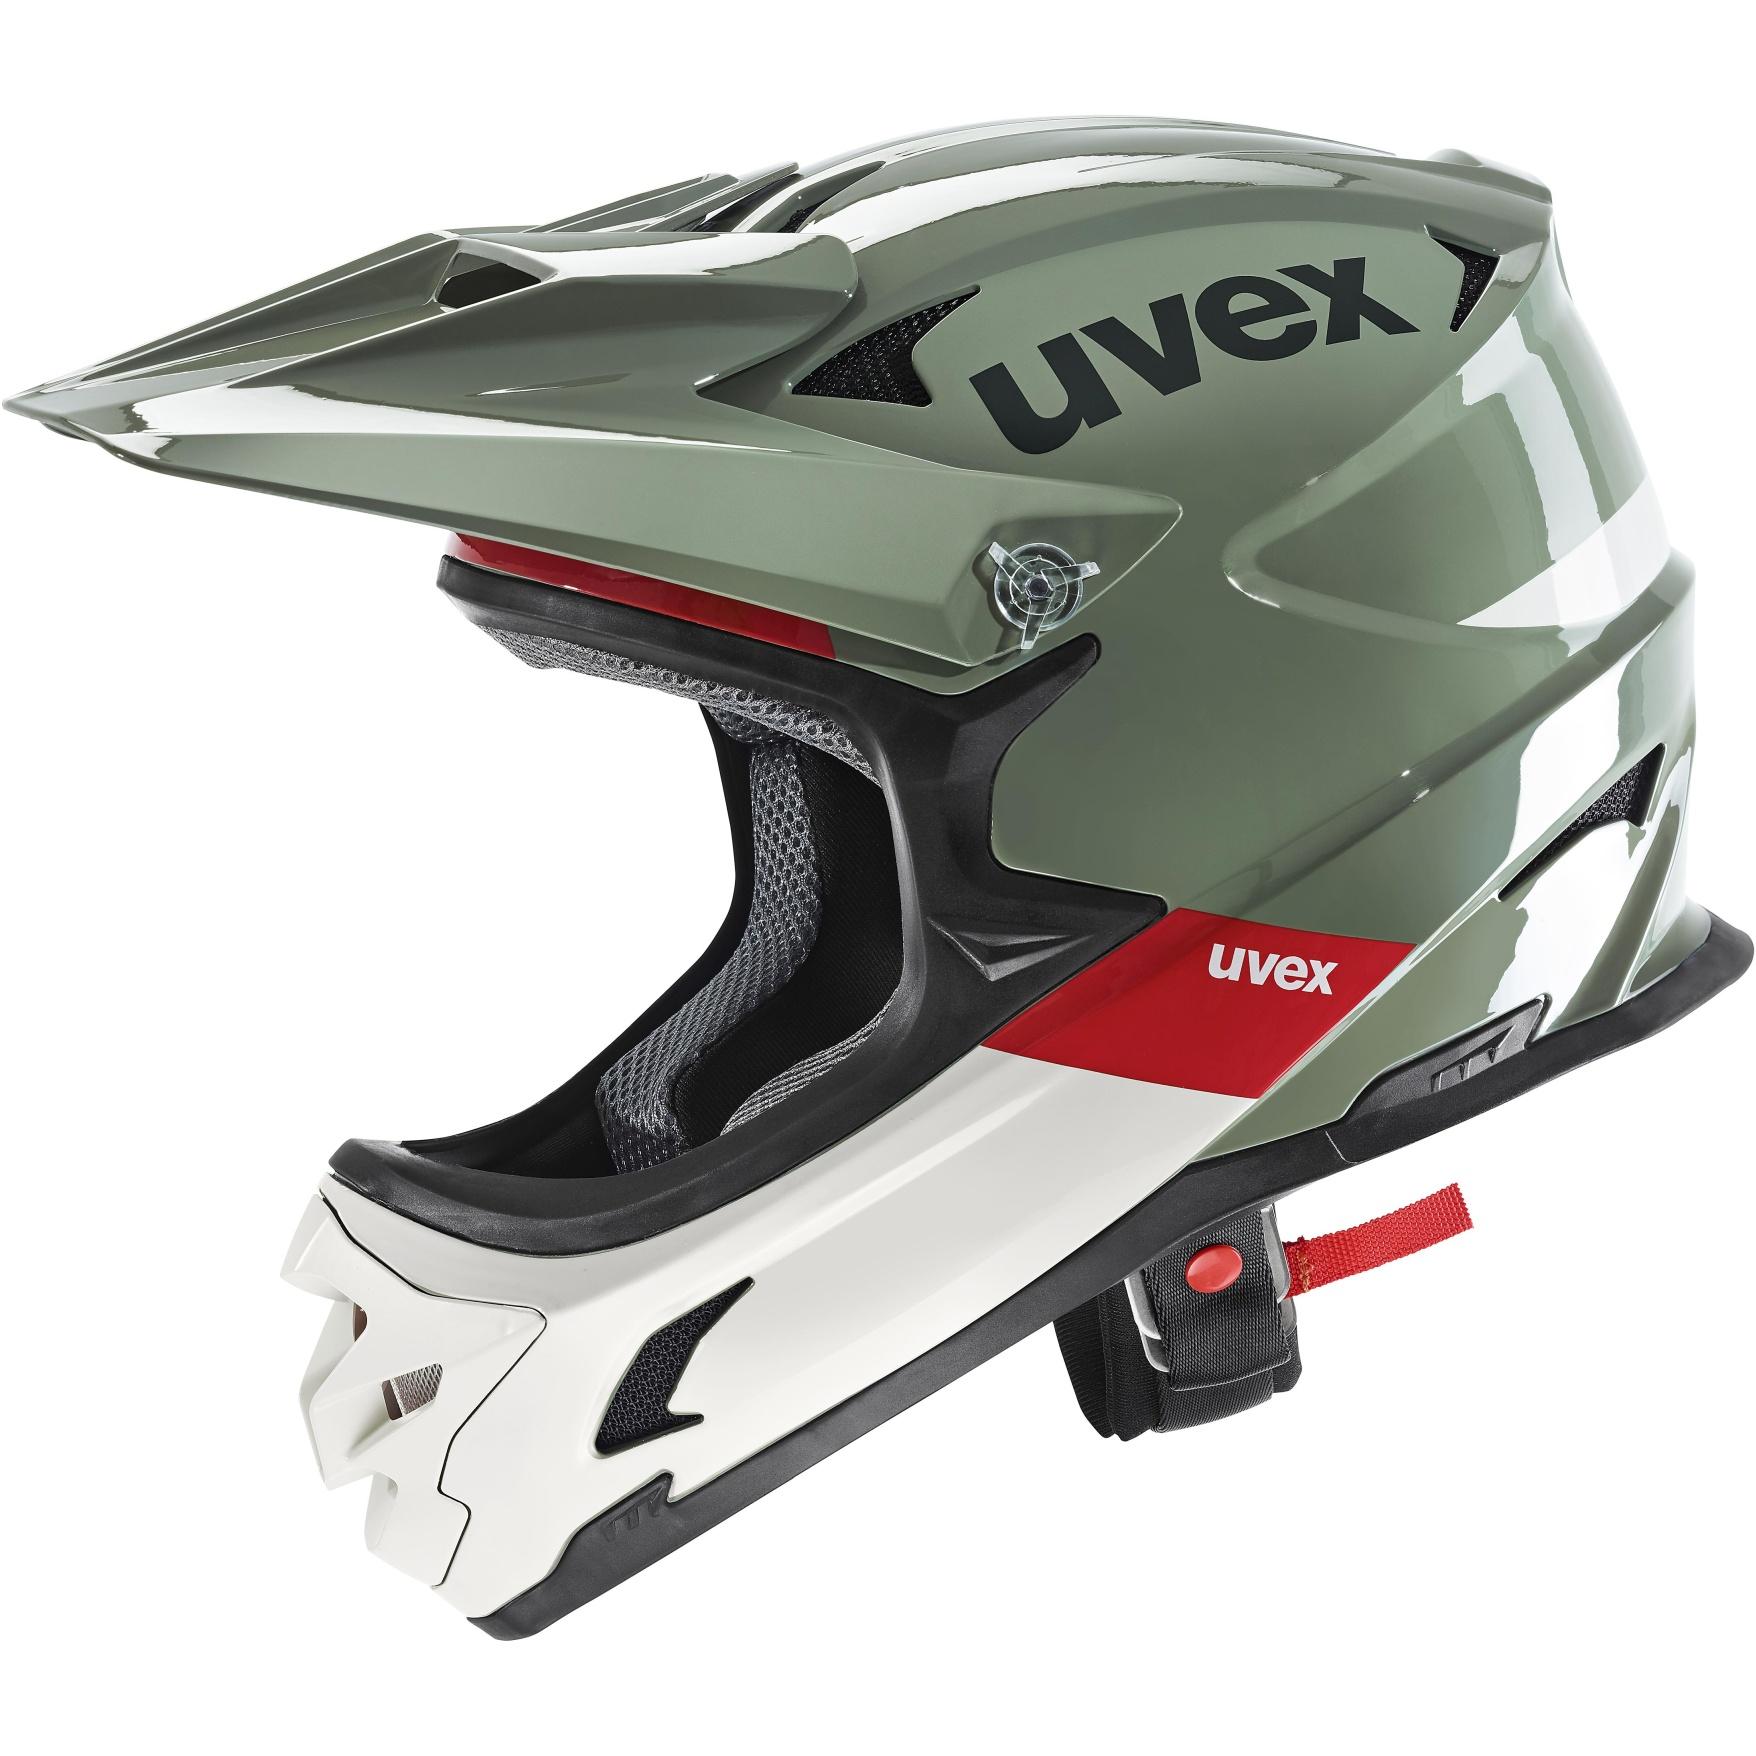 Uvex hlmt 10 bike Helmet - moss green sand